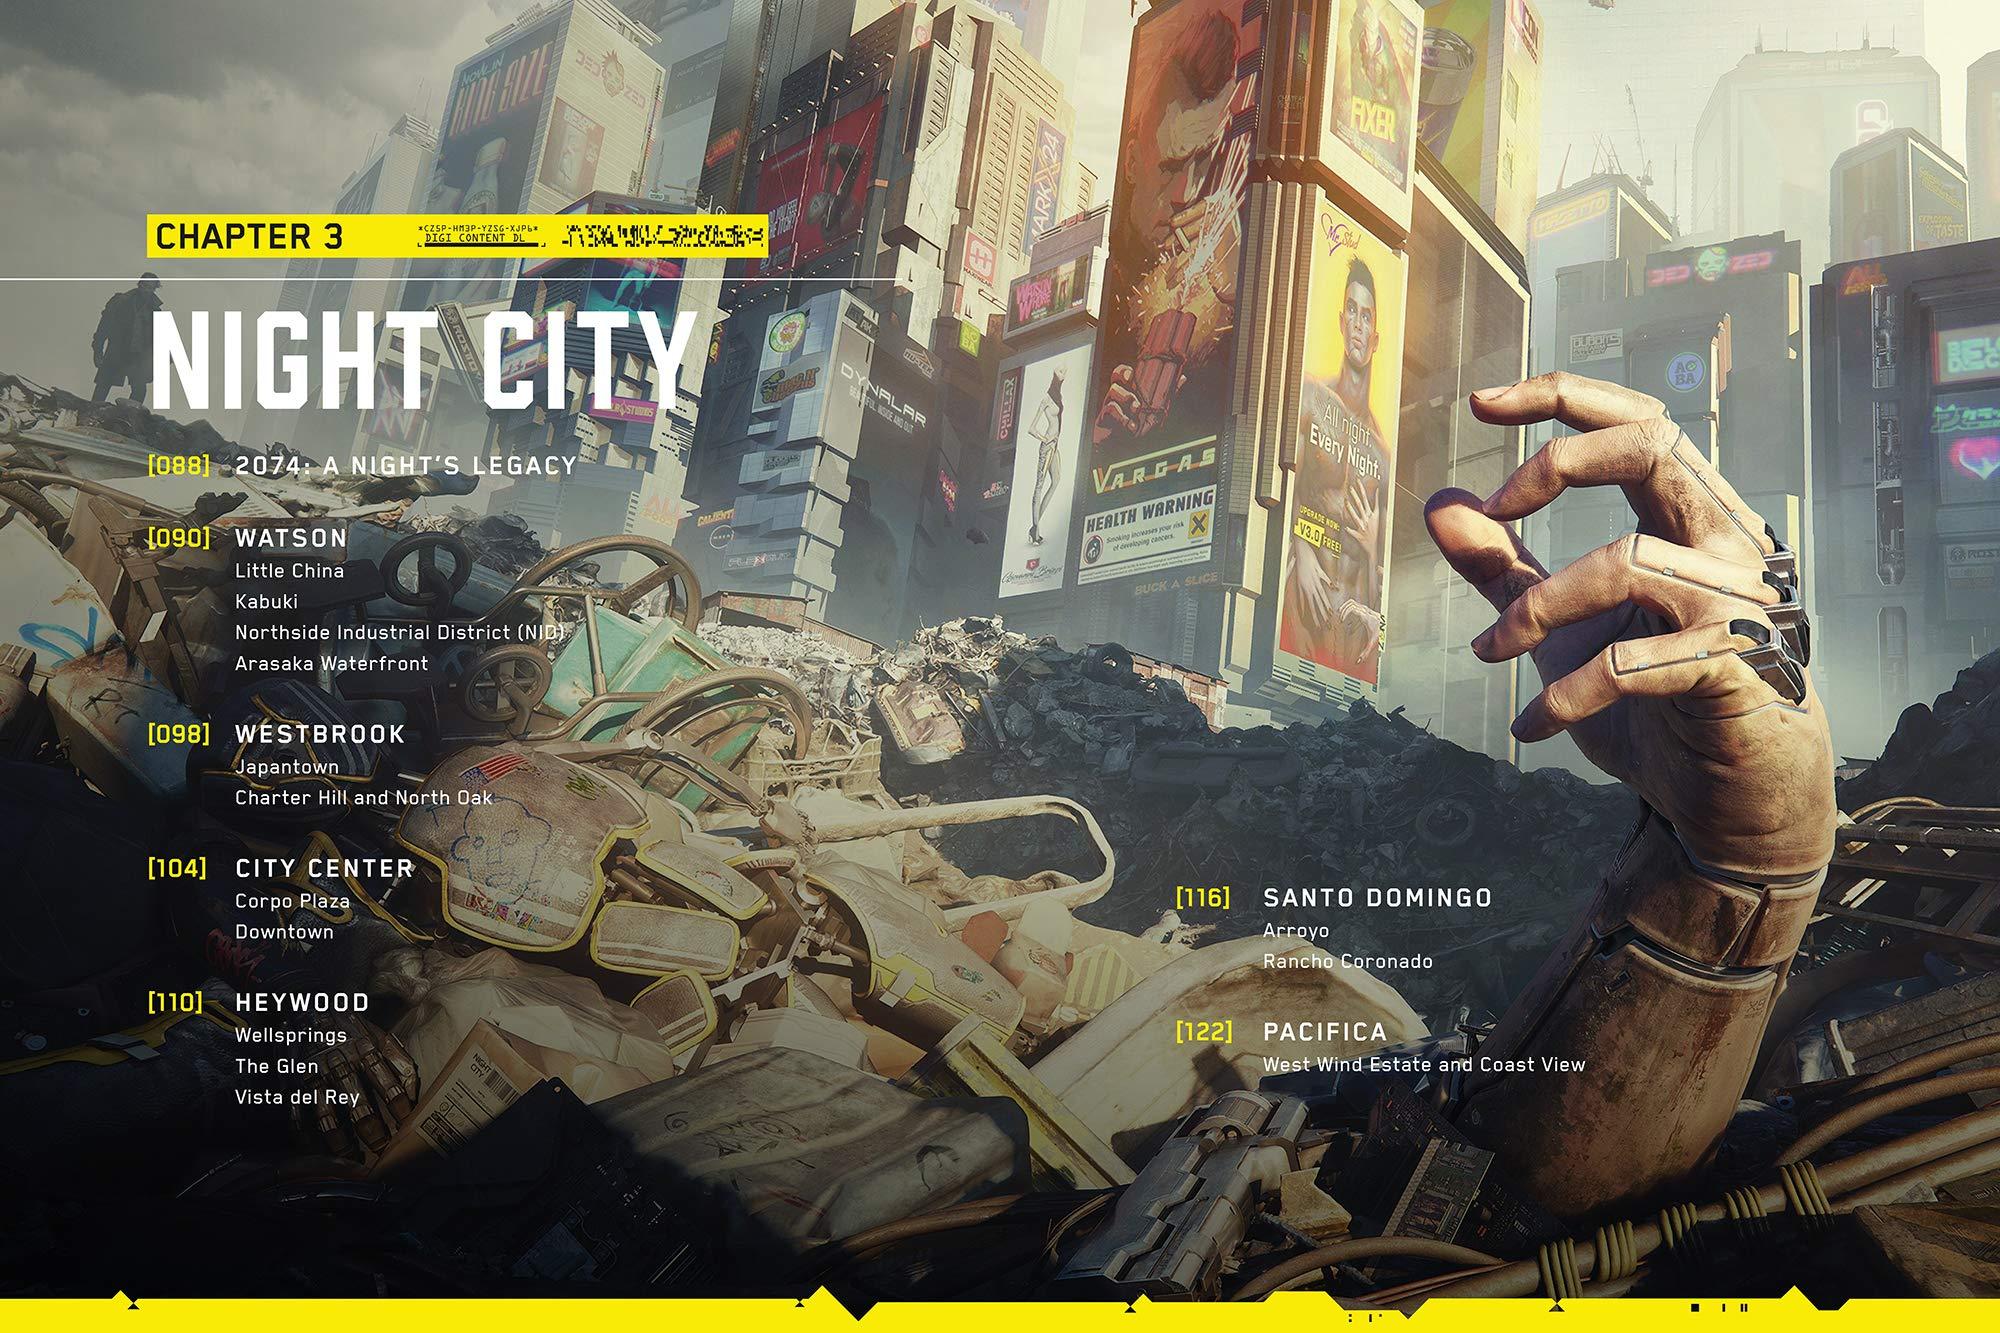 A Cyberpunk 2077 világa, Night city fejezet oldal